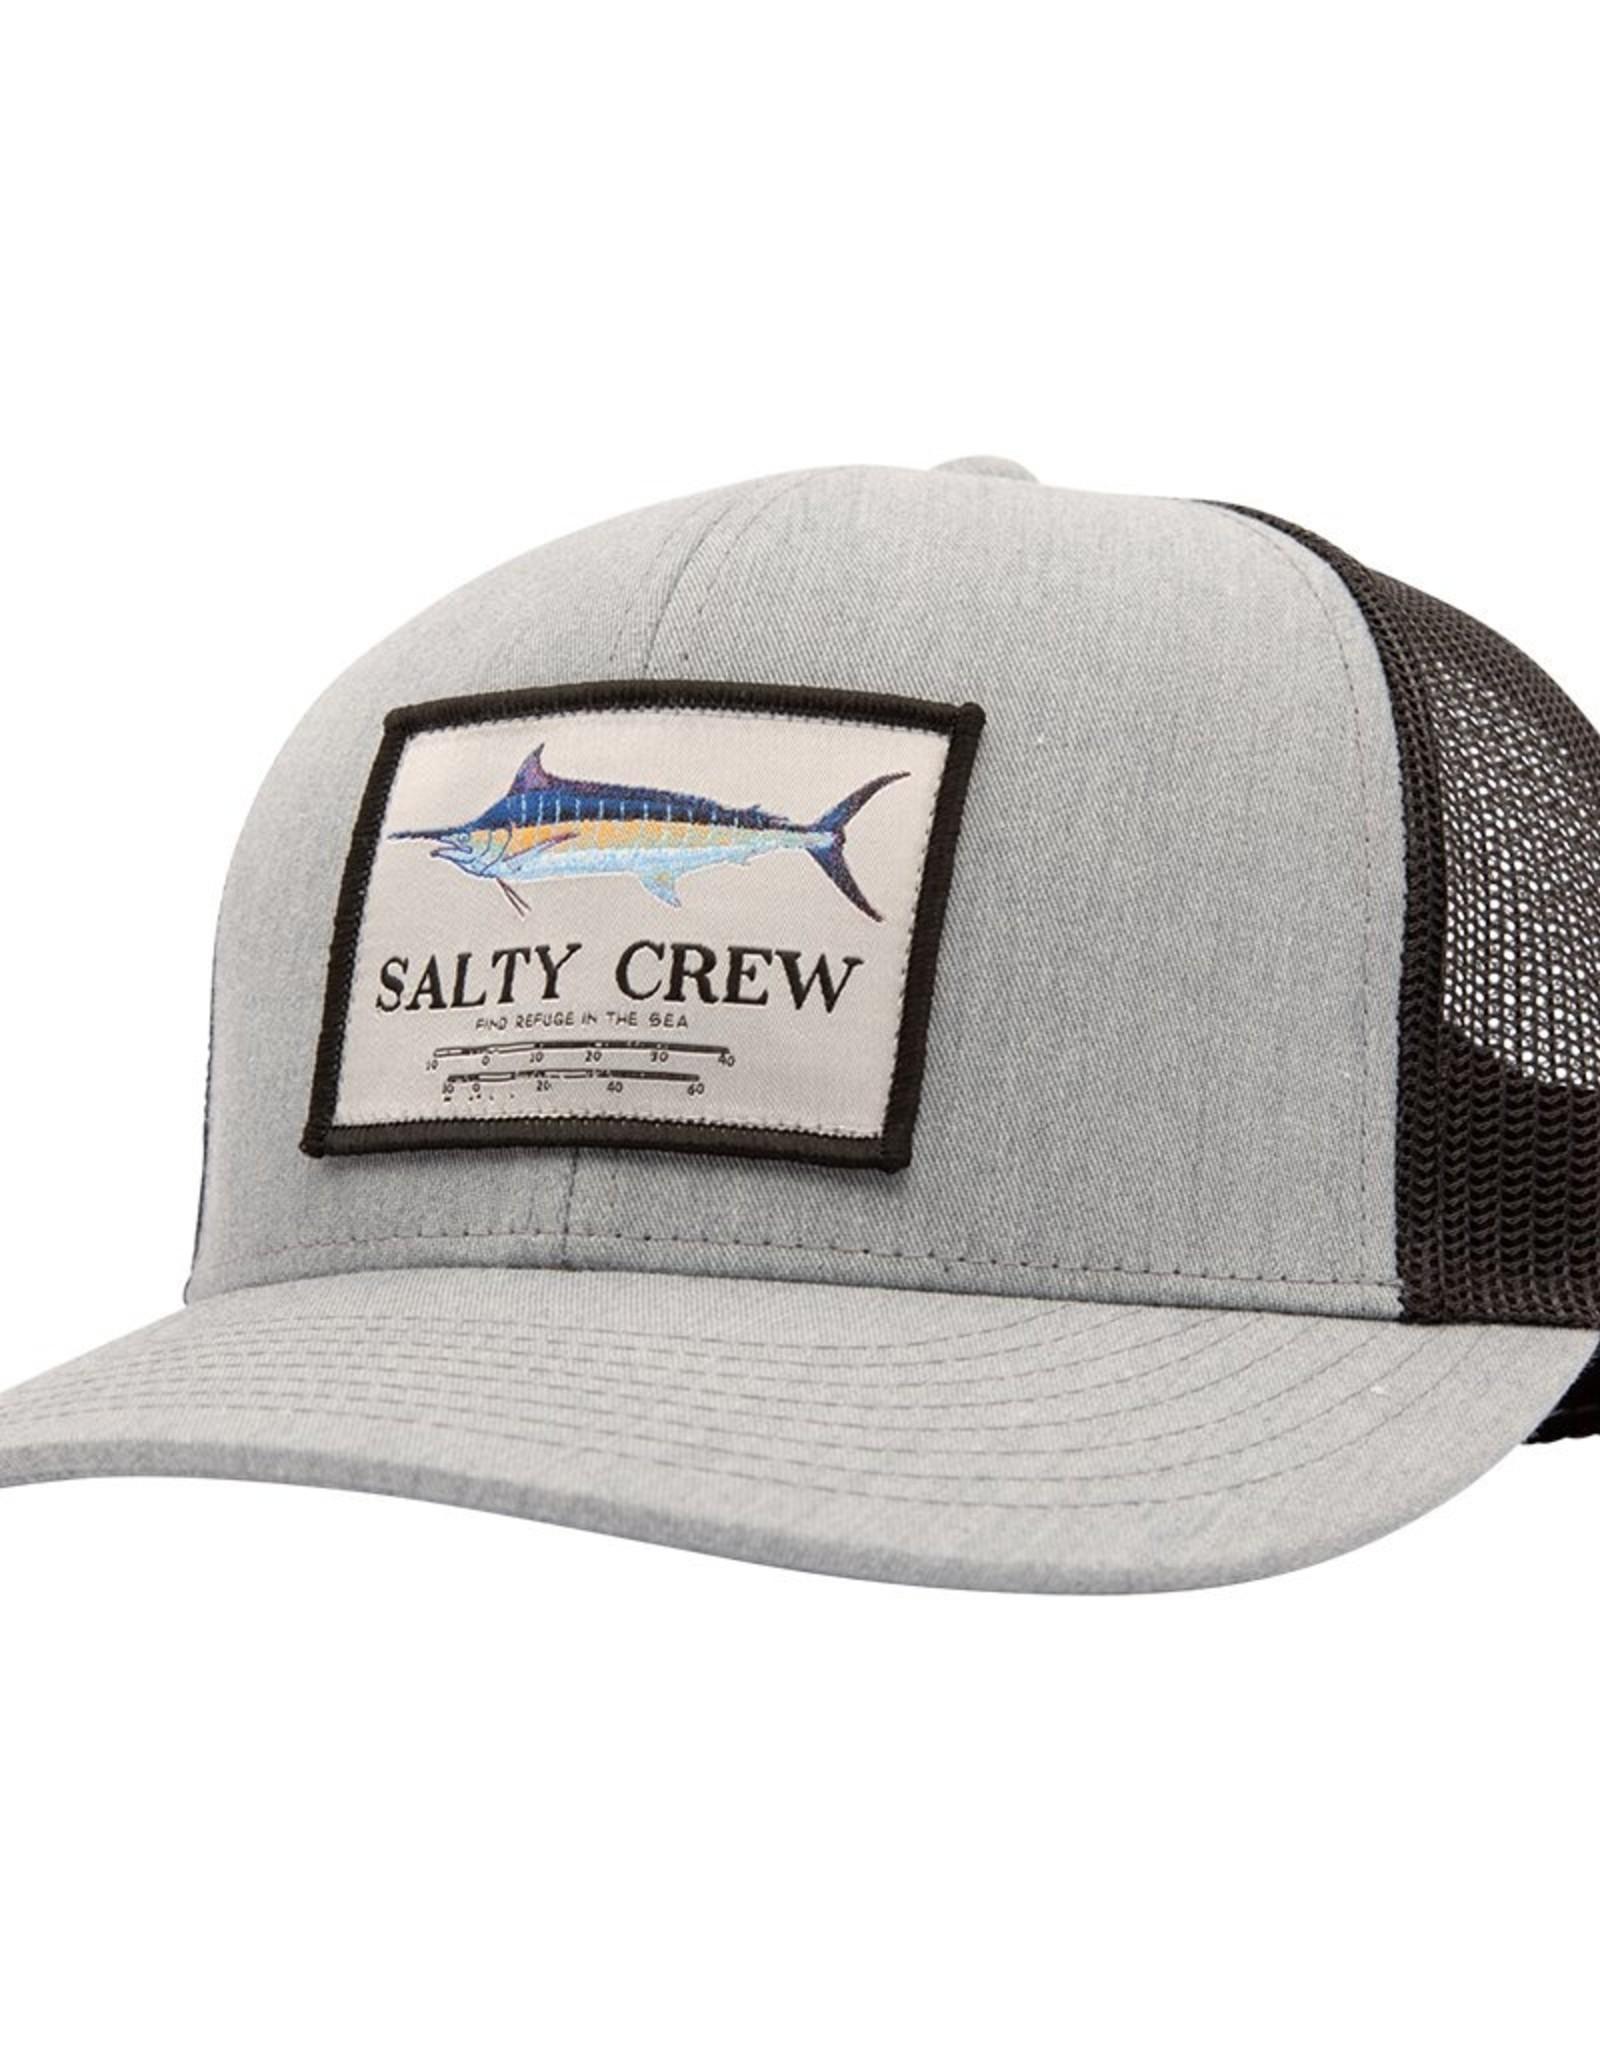 Salty Crew Marlin Mount Retro Trucker